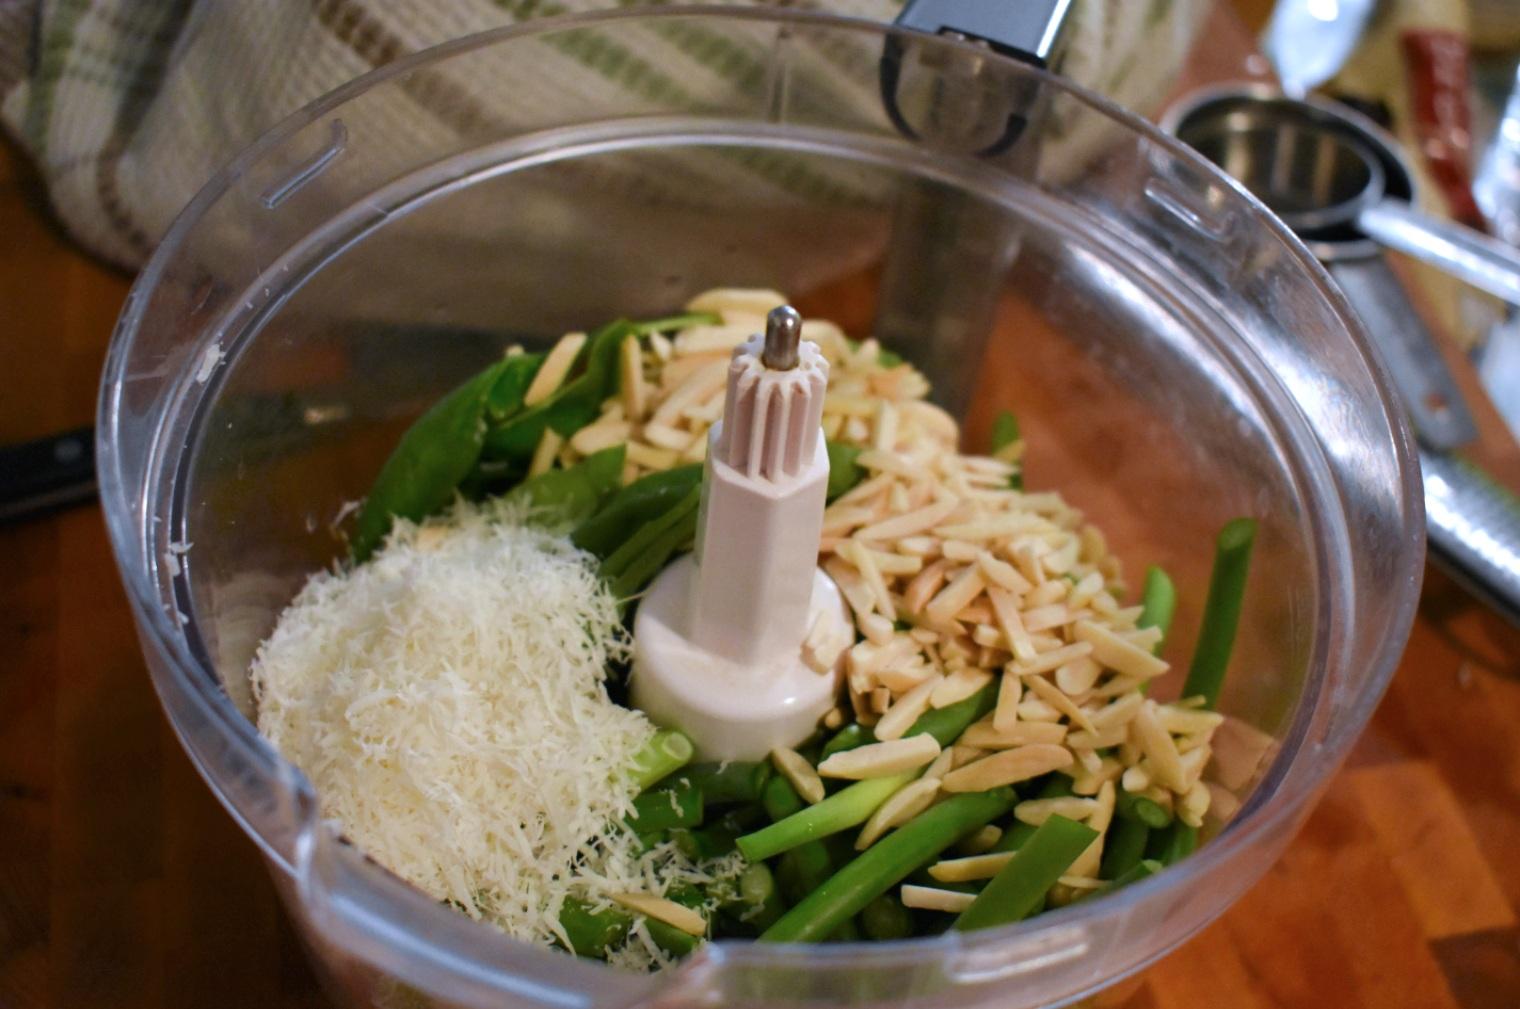 Pesto de fleur d'ail - Auboutdelalangue.com (2)